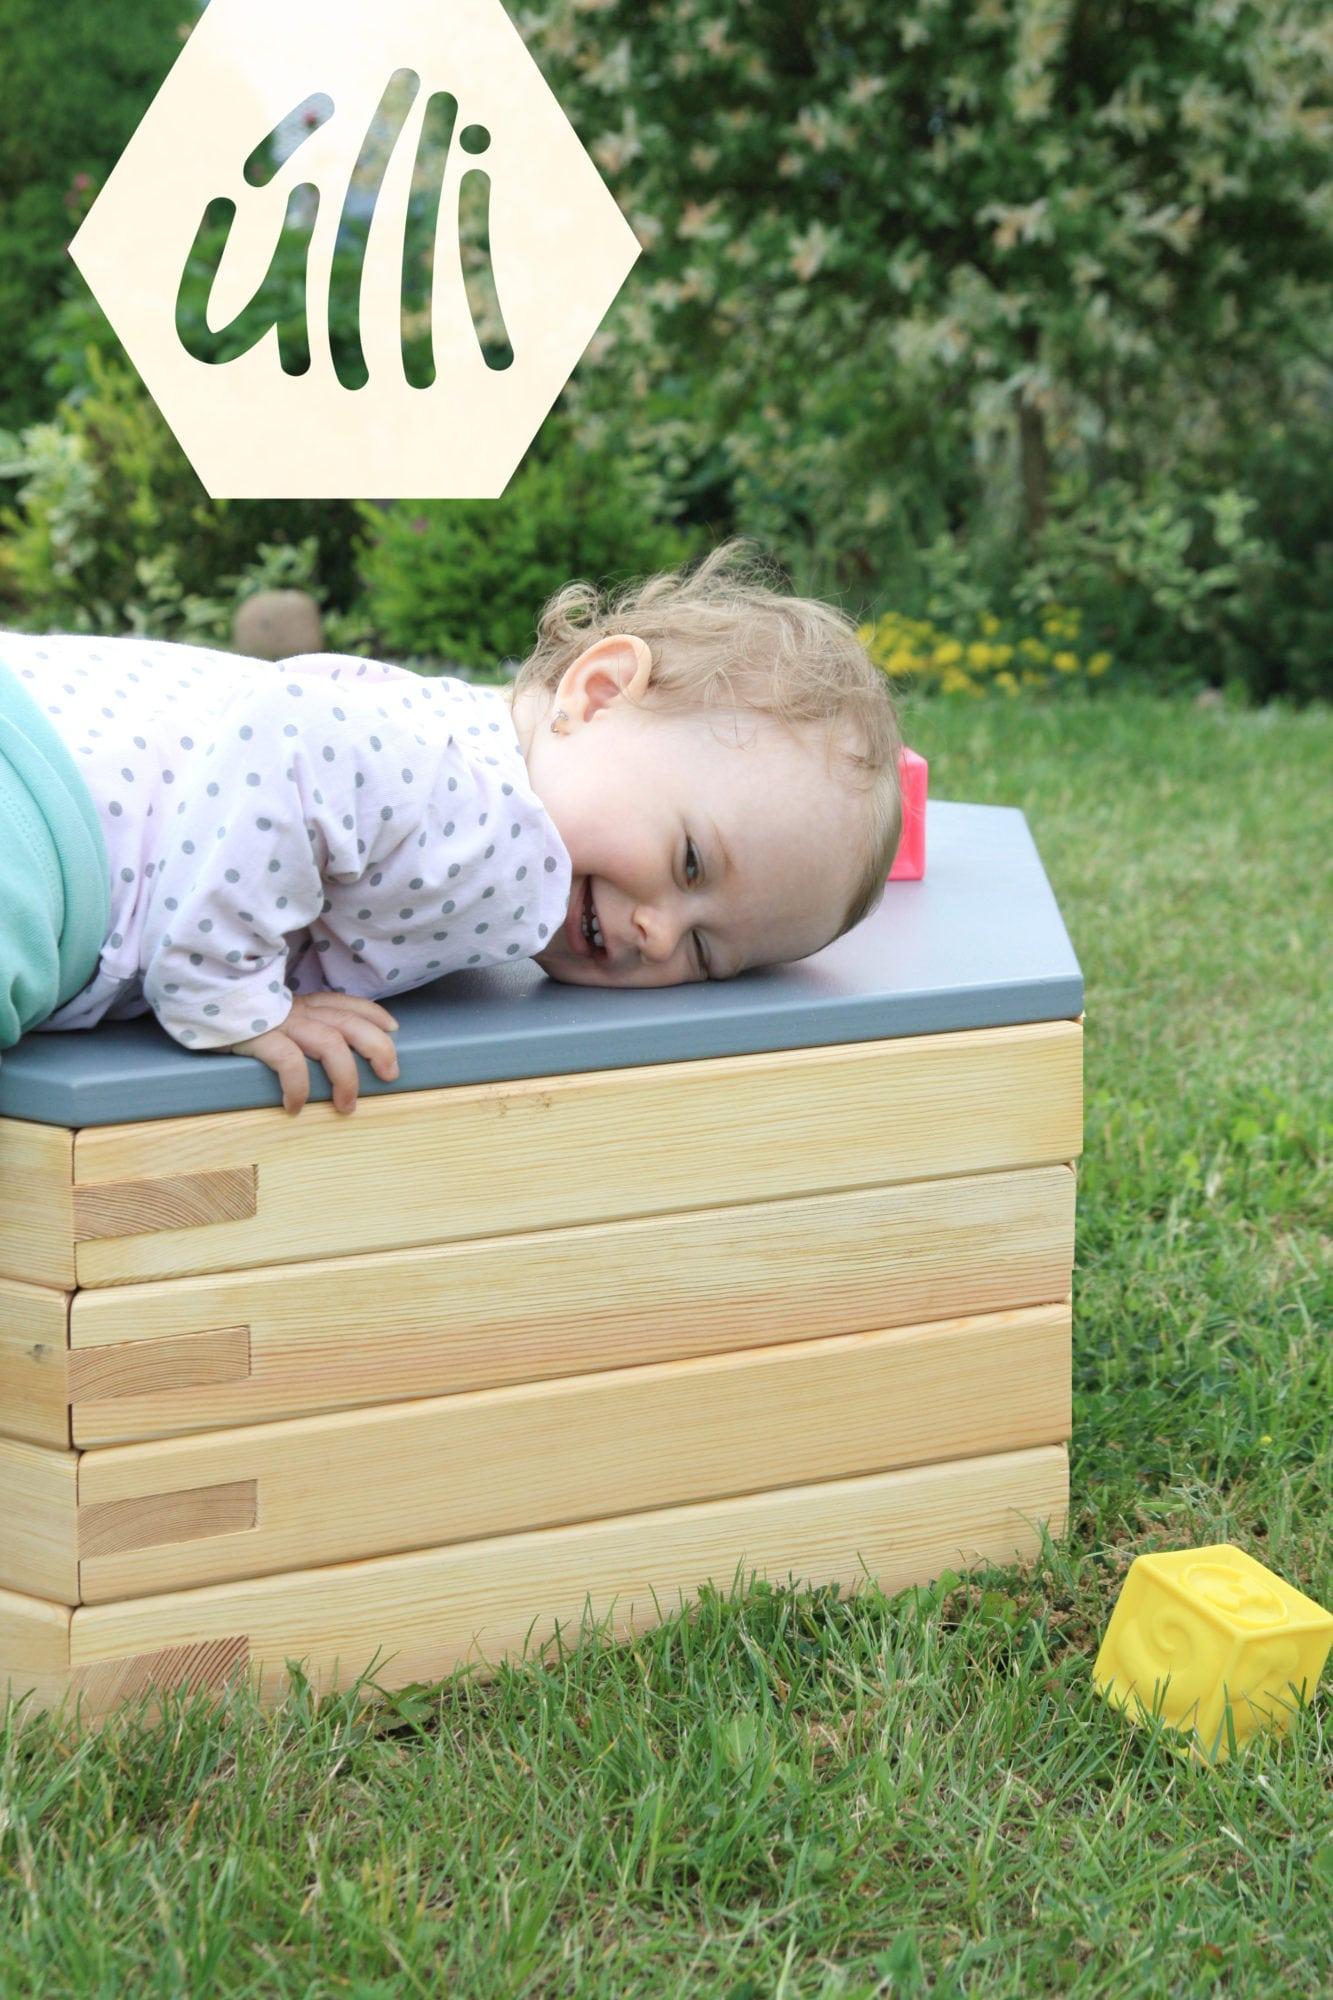 venkovní design, dřevěné dekorace, zahradní dekorace, venkovní nábytek, dětský design